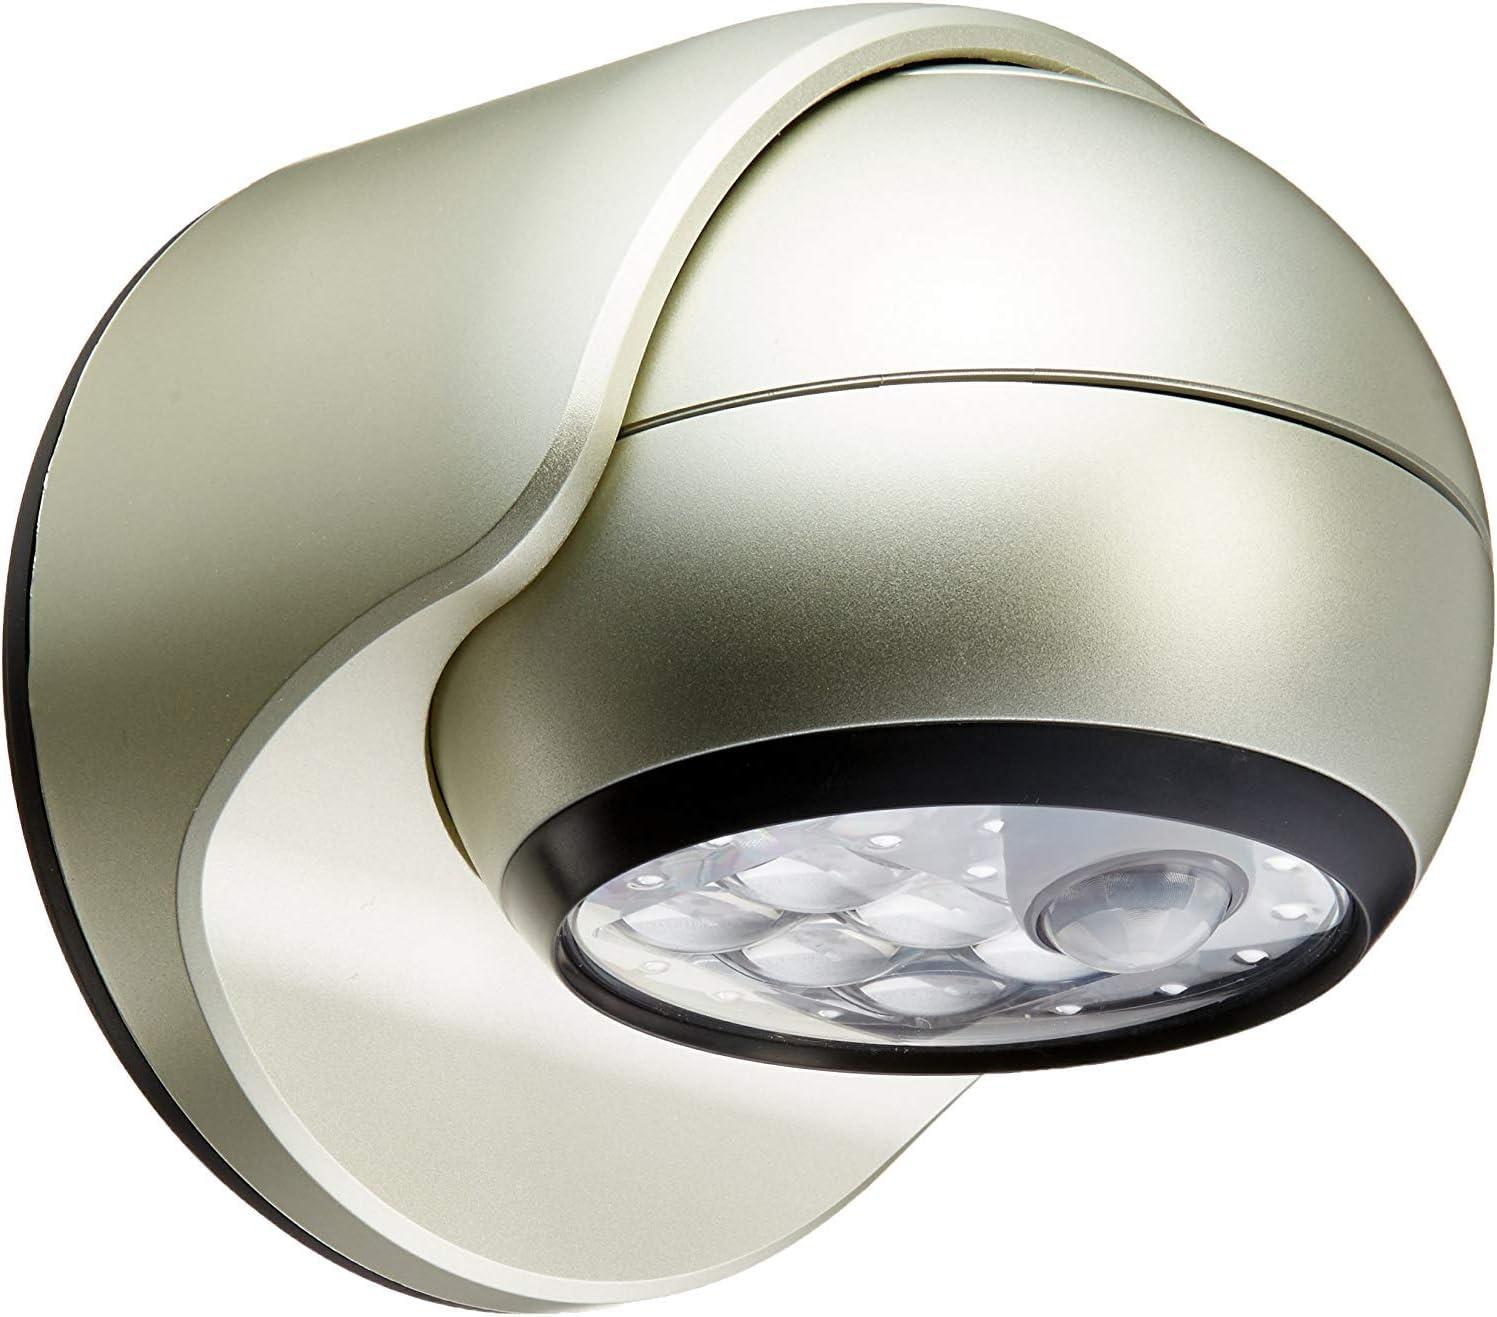 Fulcrum Motion Sensor Light